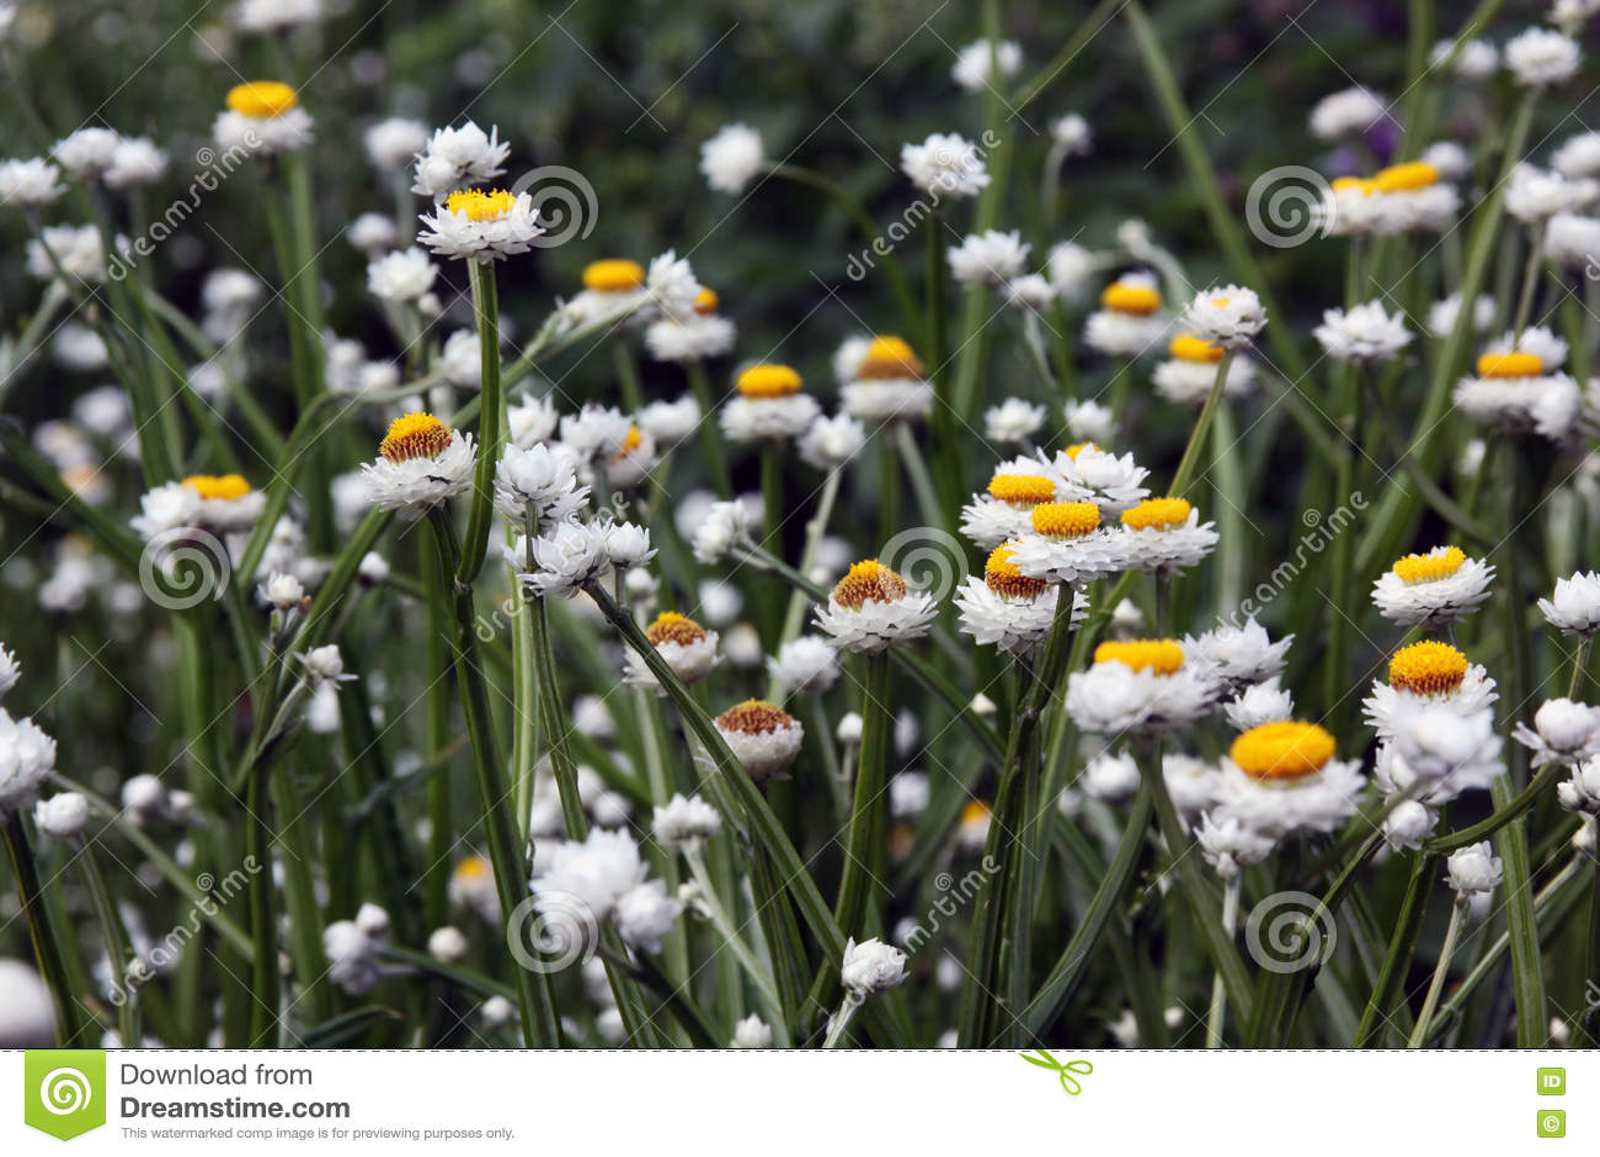 Ammobium white flower